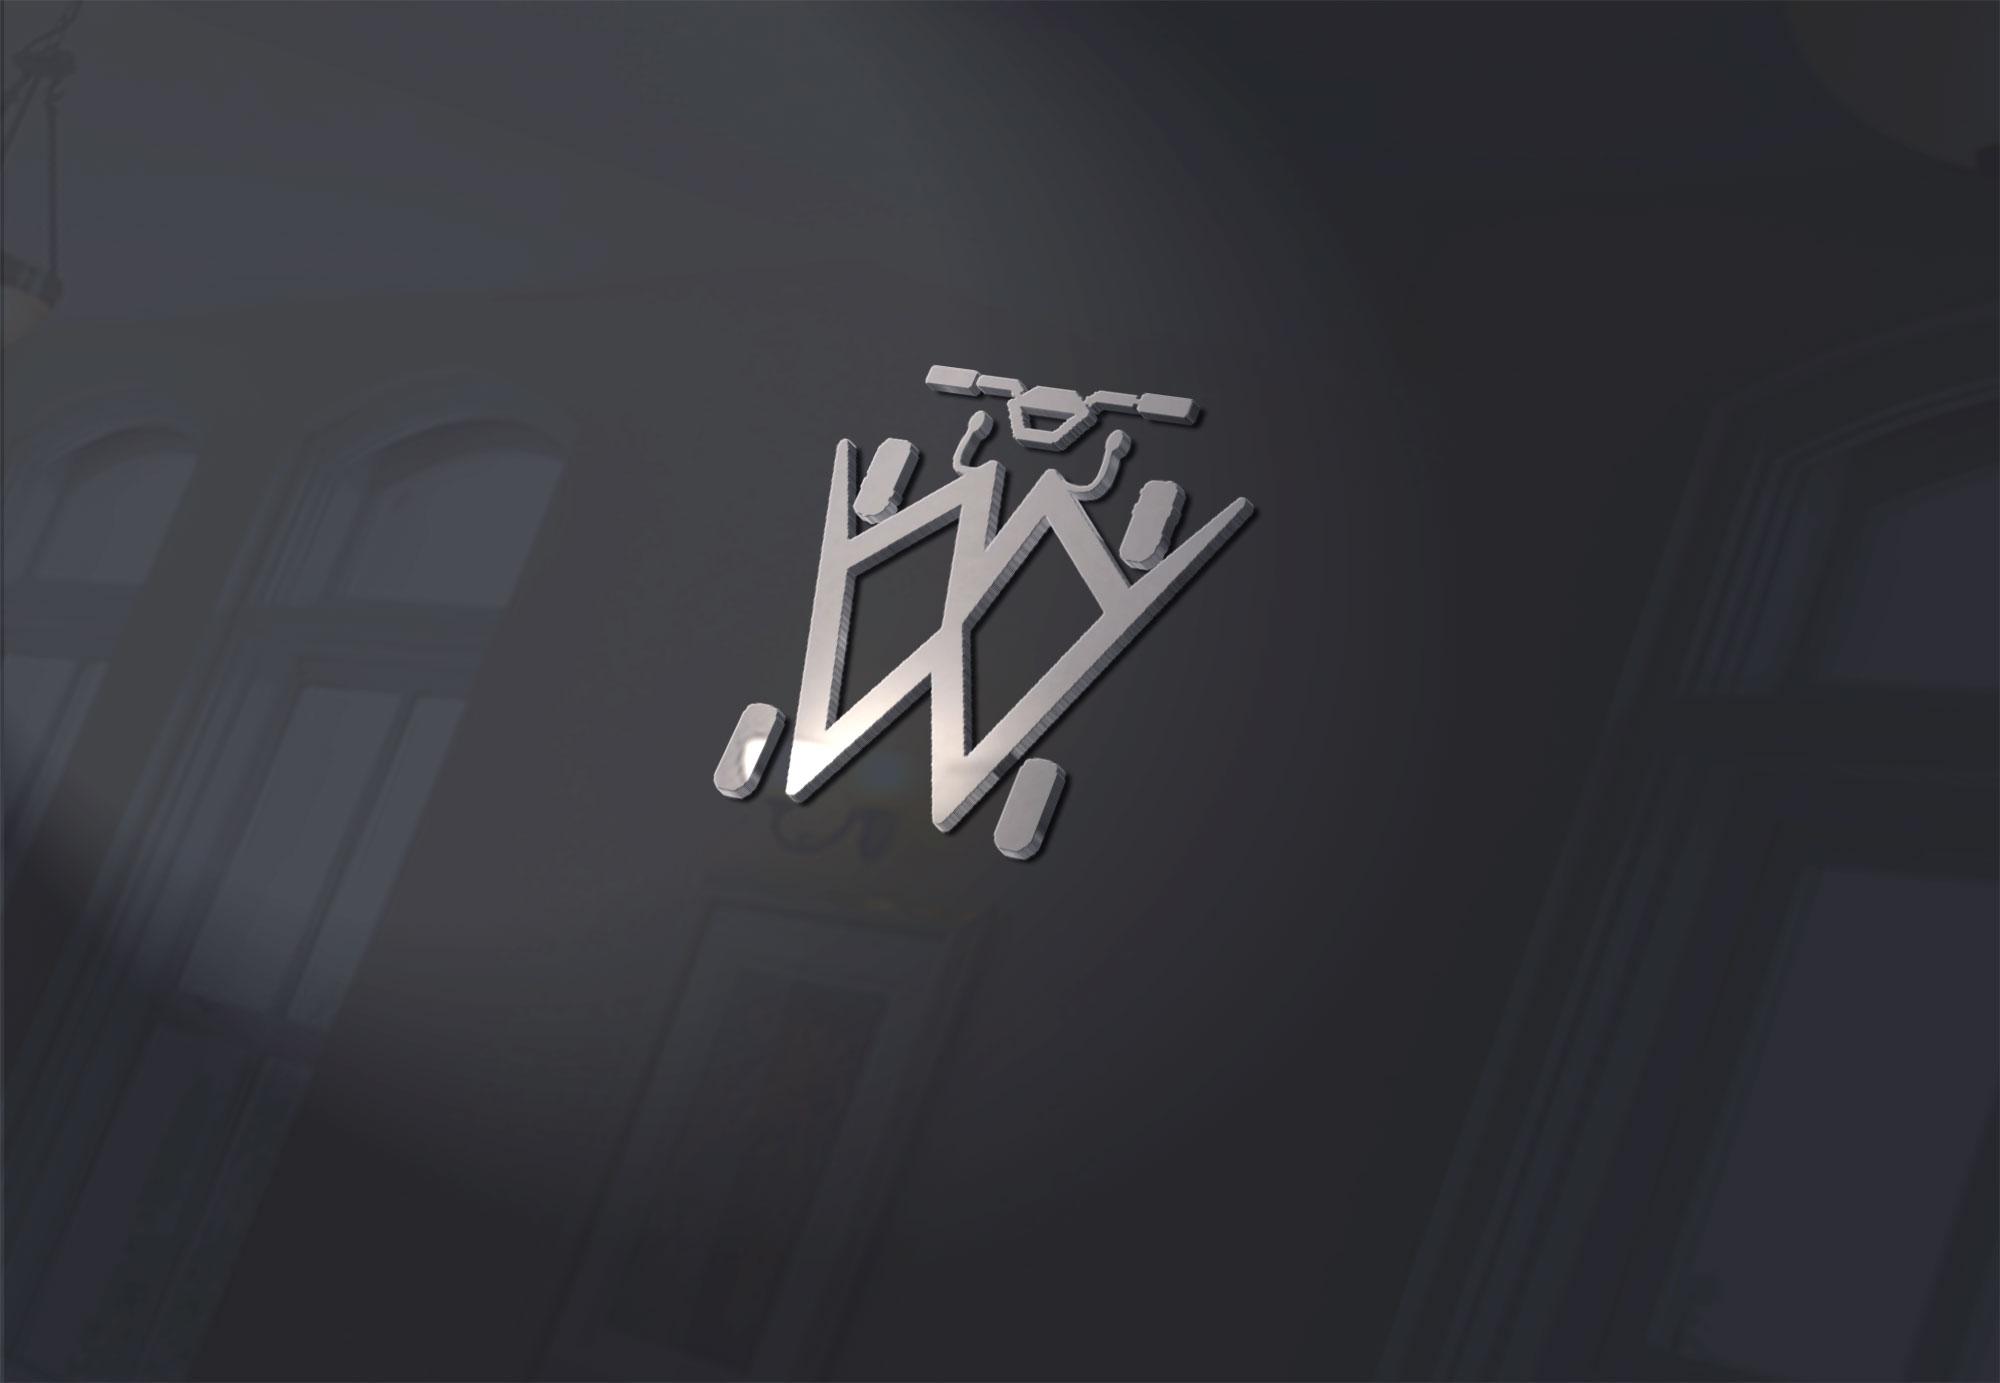 Нужен логотип (эмблема) для самодельного квадроцикла фото f_9815b0415567a19d.jpg